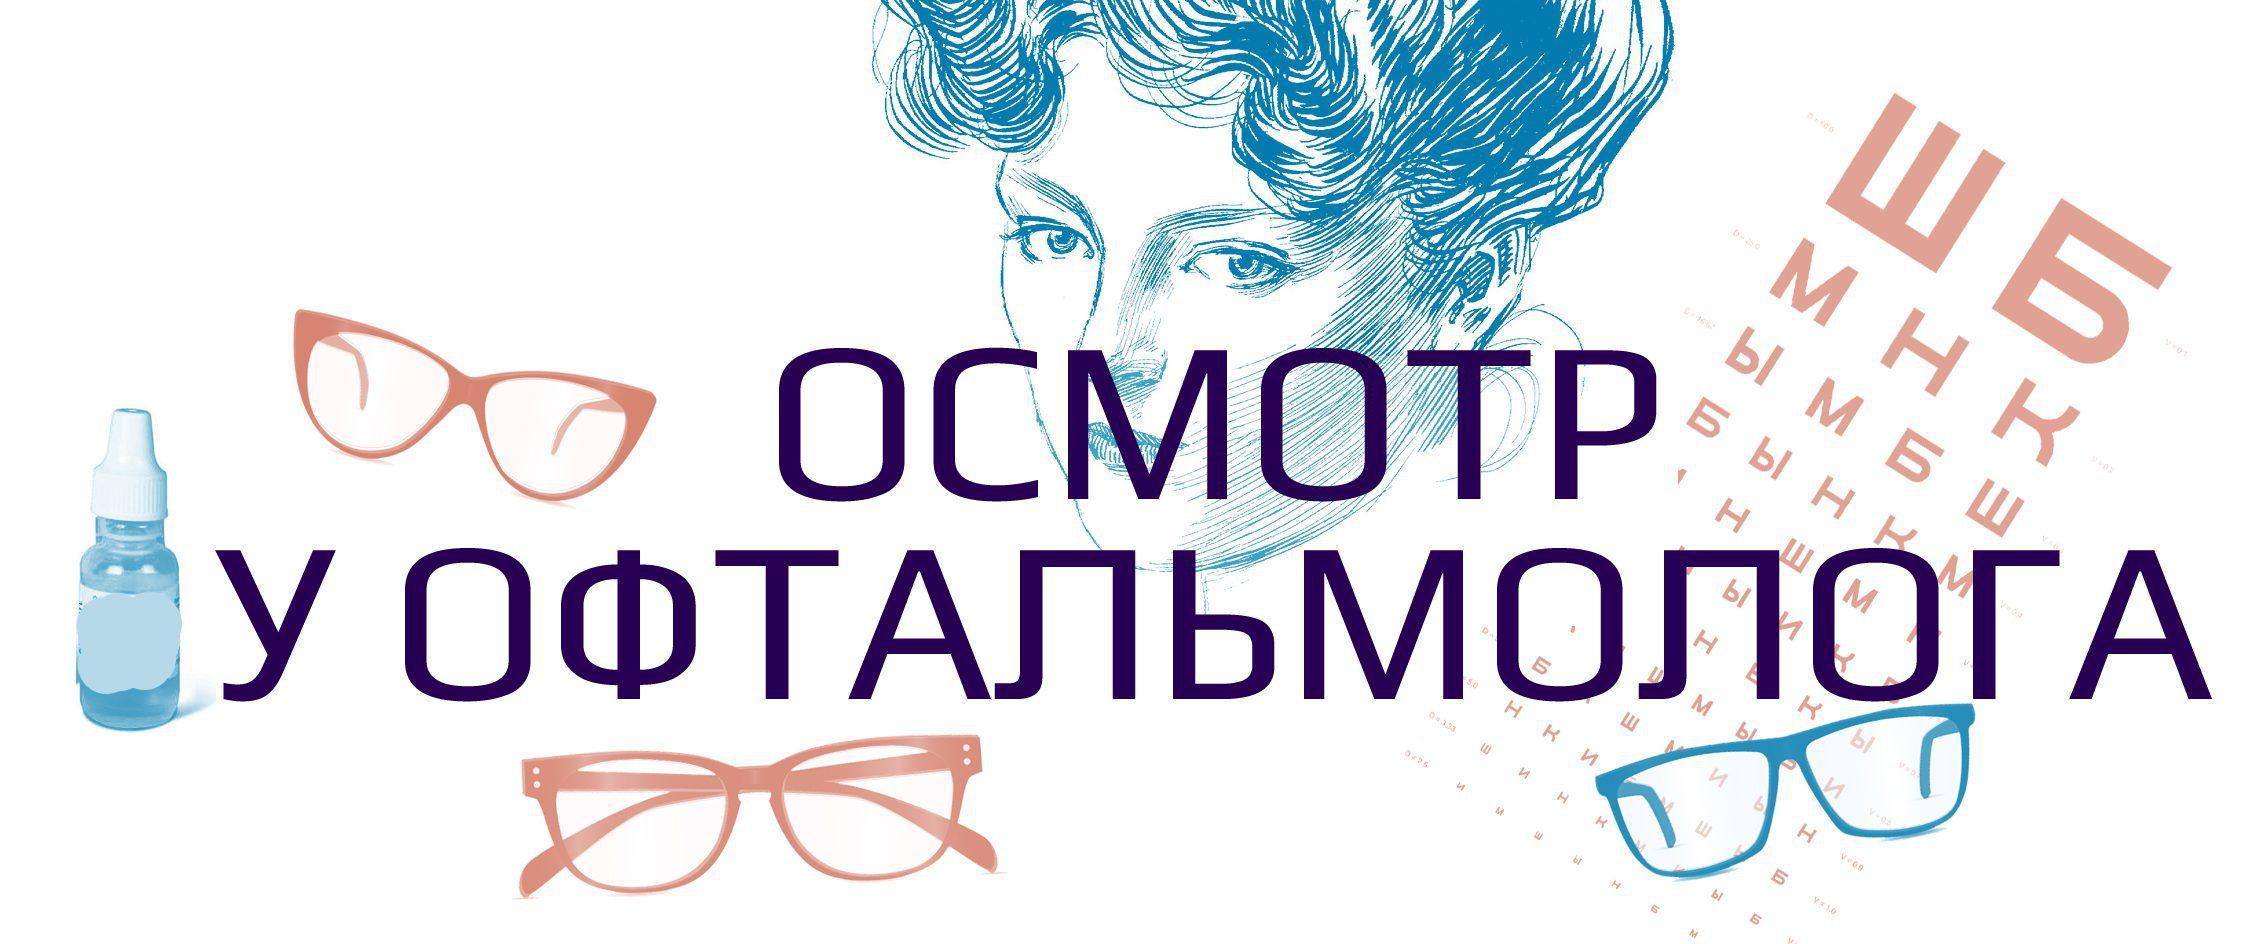 blog-2017-nov-osmotr-header2x